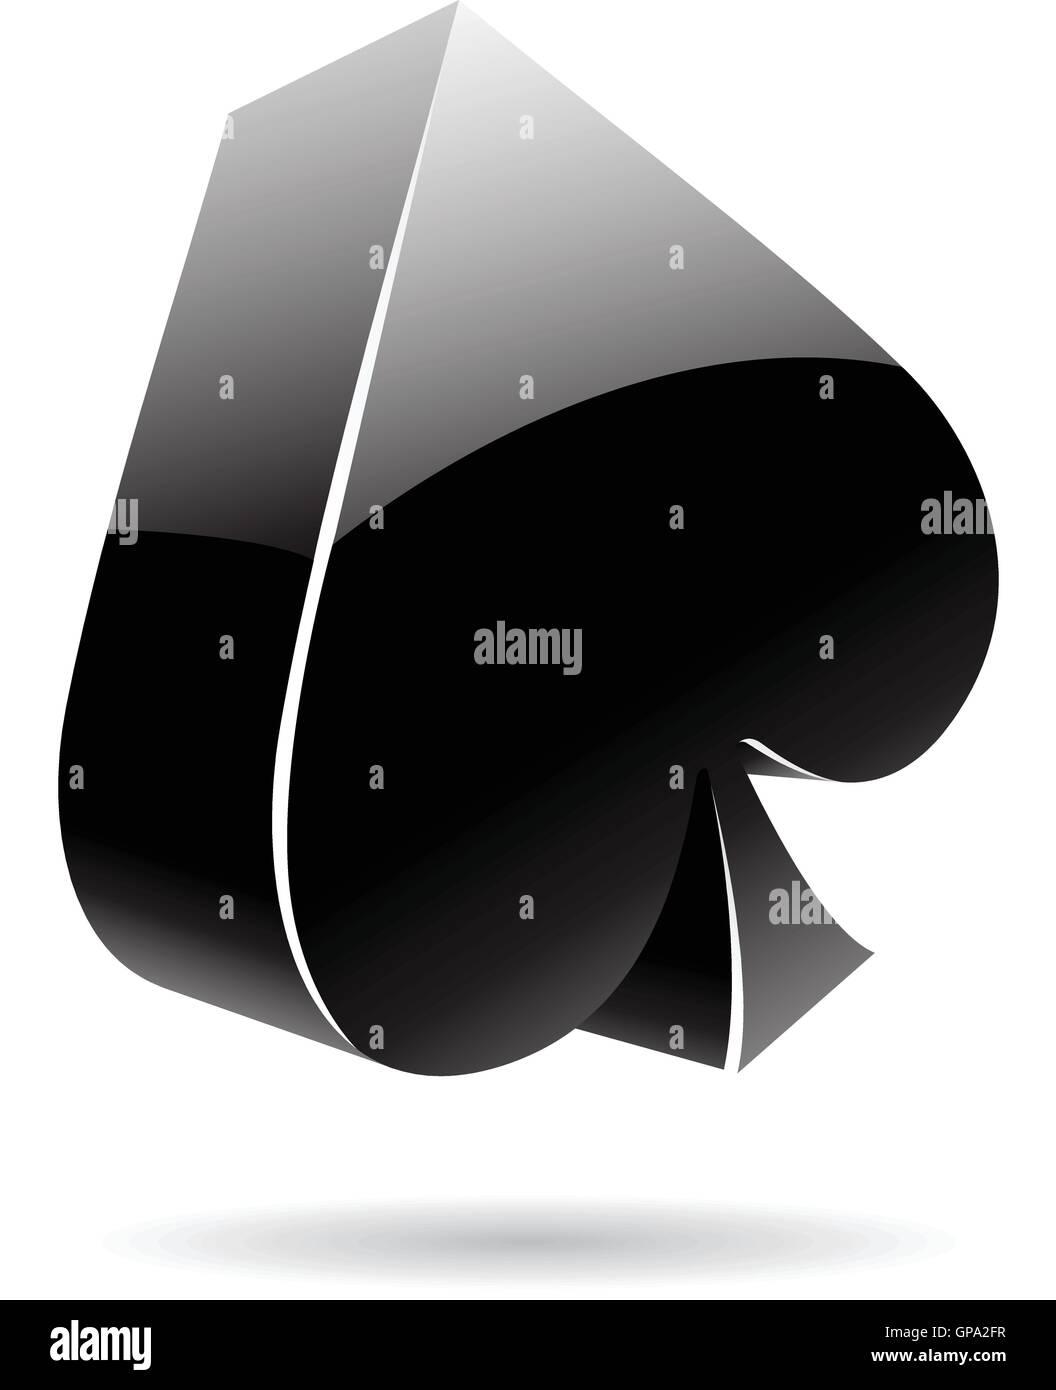 Spades Vector Vectors Stockfotos & Spades Vector Vectors Bilder - Alamy